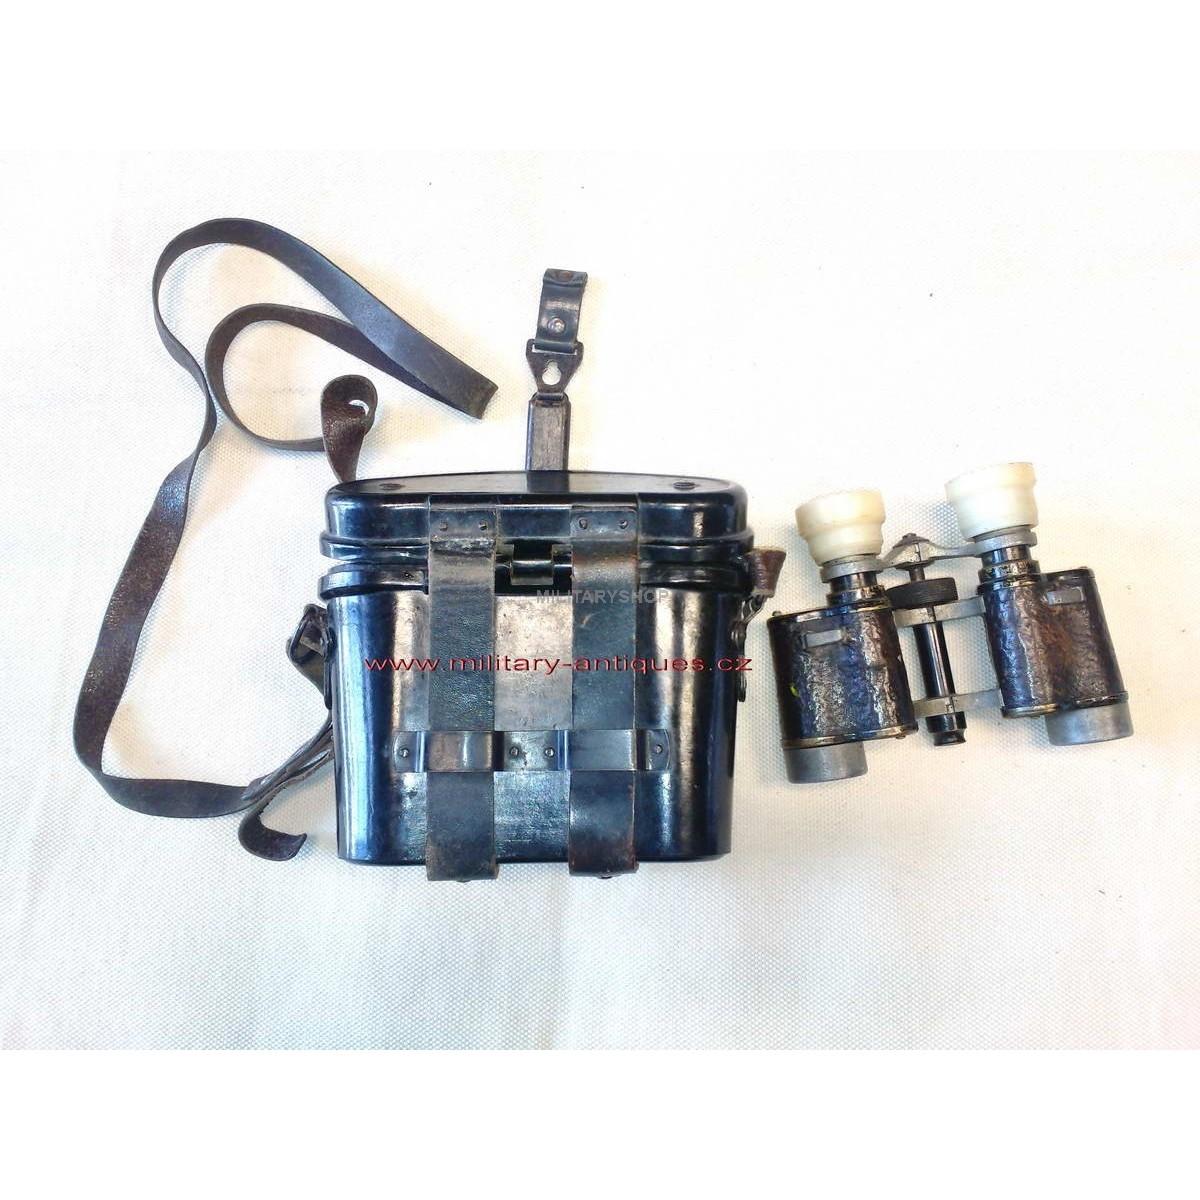 Ww2 Field Binoculars German Ww2 Field